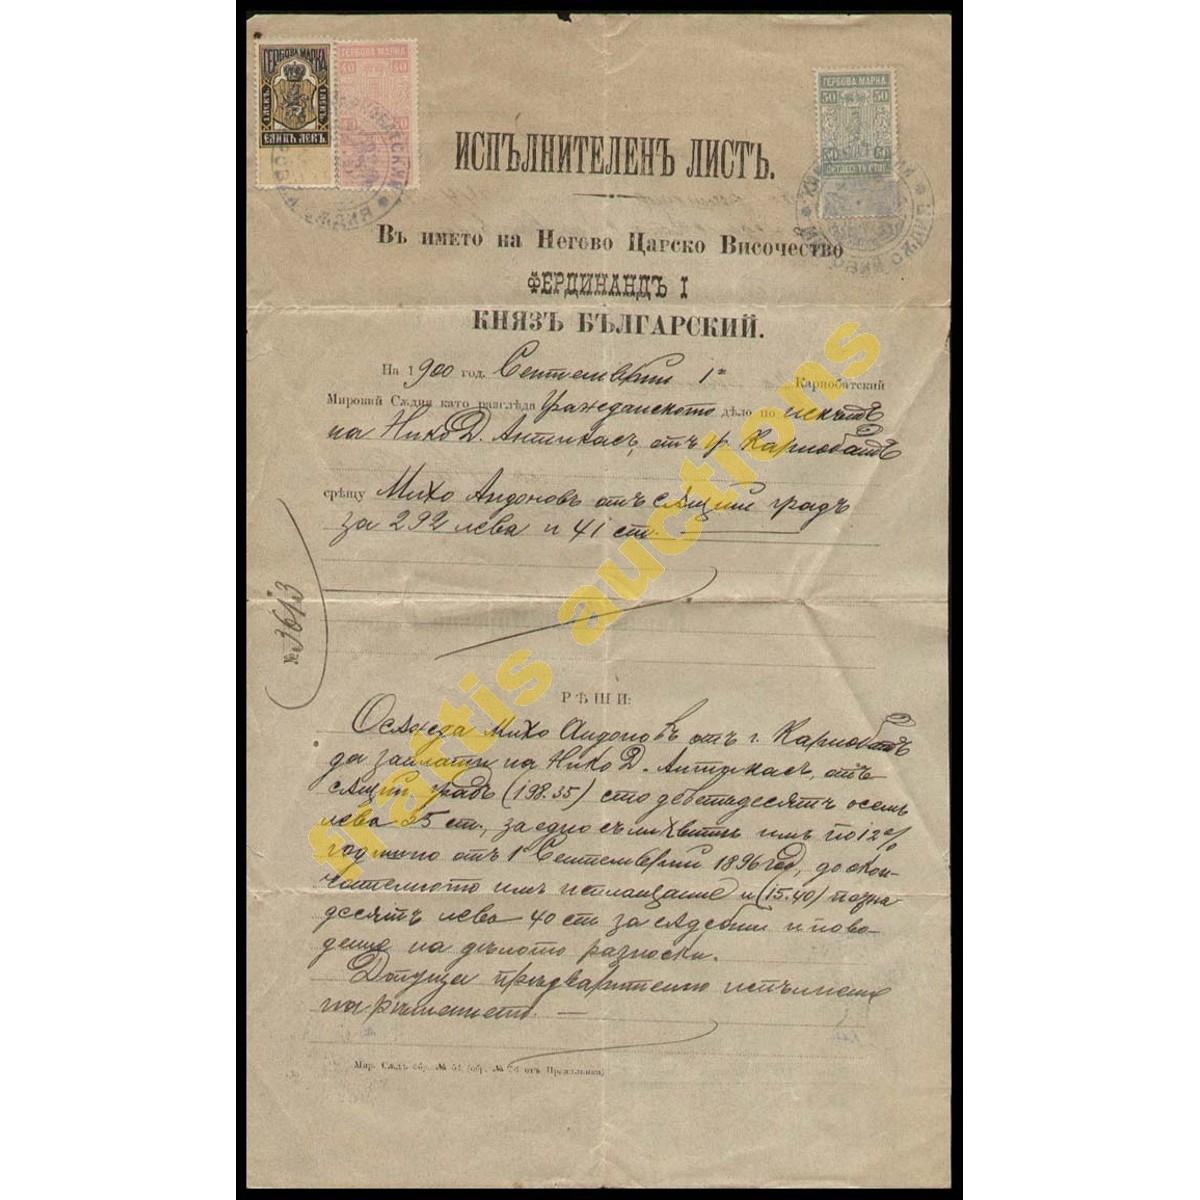 Έγγραφο σε Βουλγαρικη γραφή του 1900.